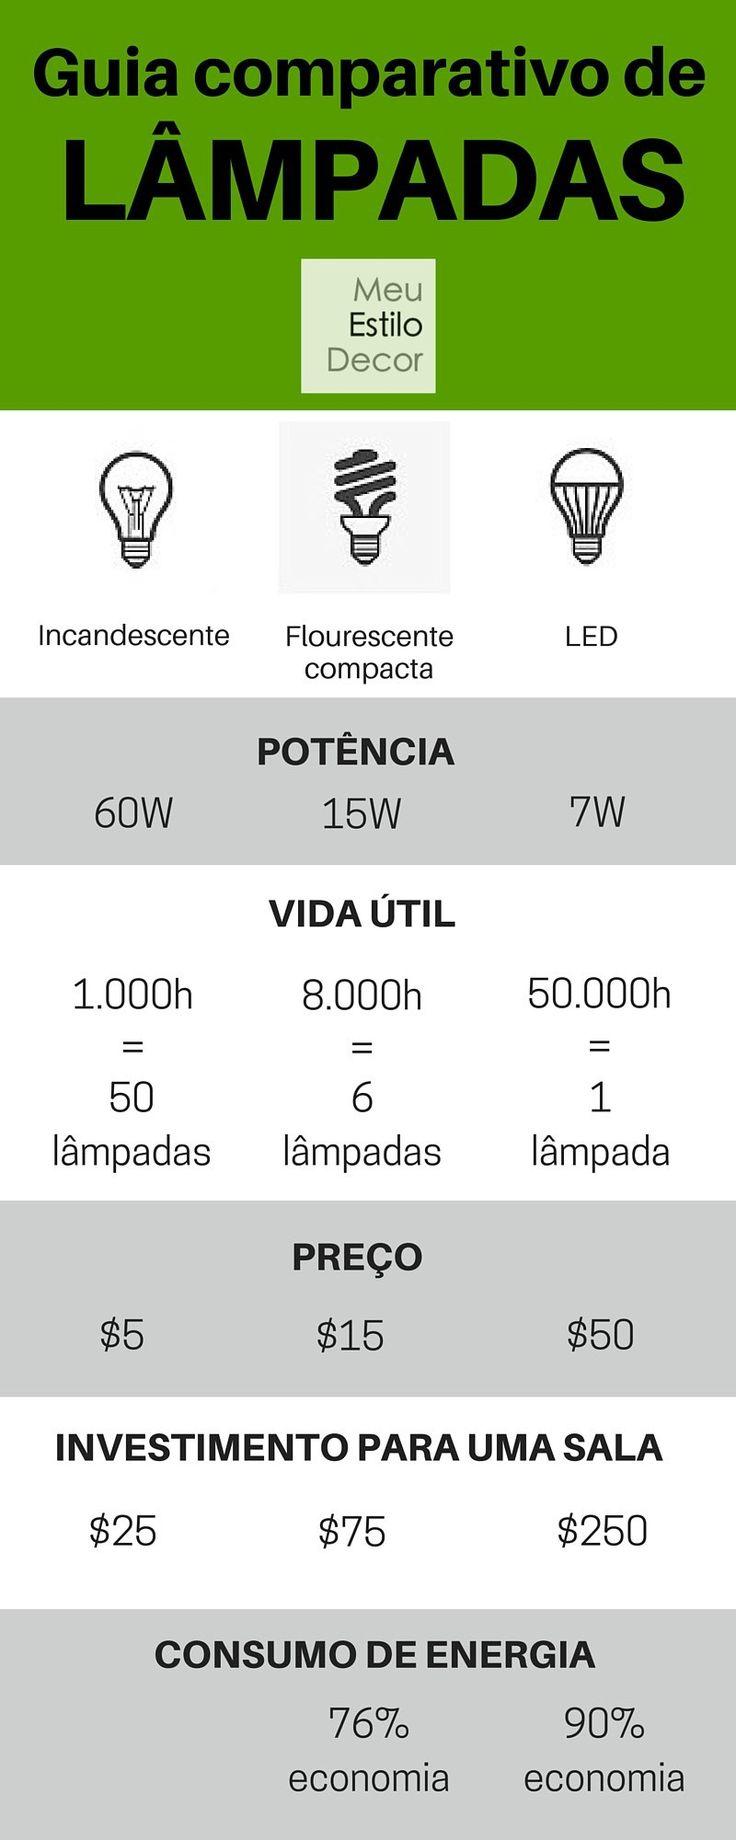 Ainda está confusa sobre como substituir suas lâmpadas incandescentes? Aprenda a escolher as opções mais econômicas e aconchegantes.